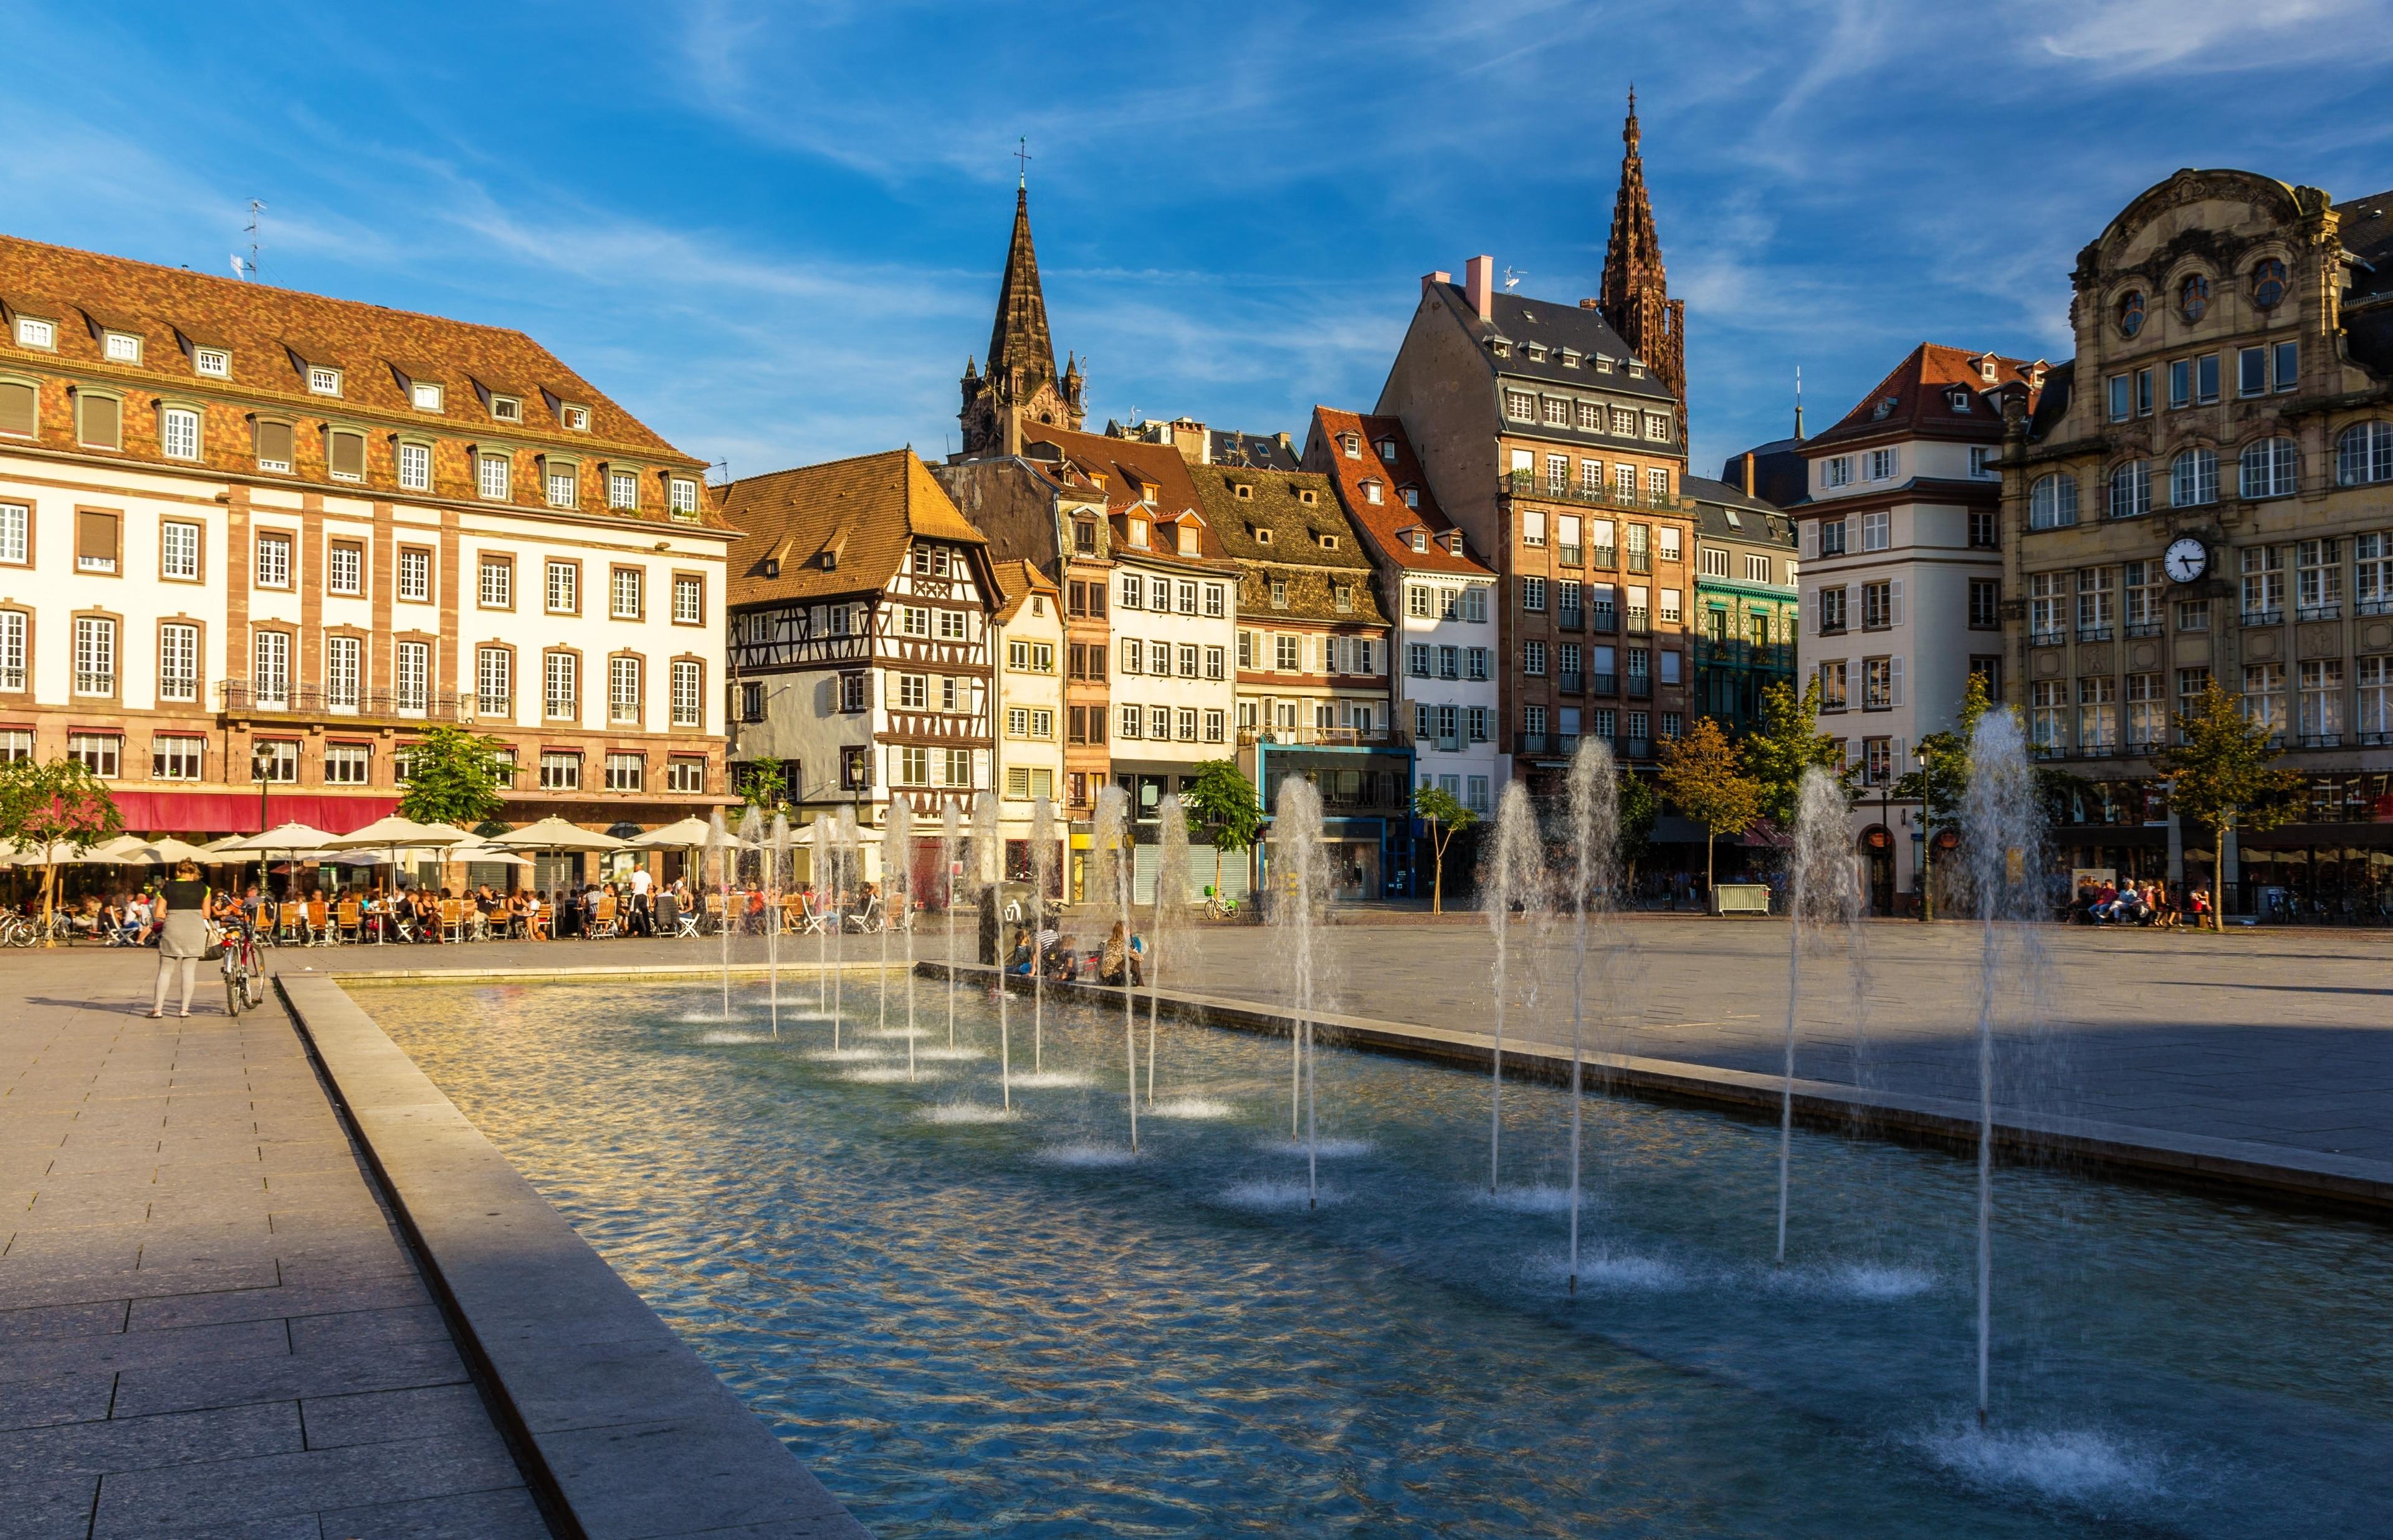 Pour en savoir davantage sur les événements qui ont marqué Strasbourg, faites une halte à Place Kléber. Ce lieu de séjour idéal pour les promenades aura vite fait de vous plaire grâce à sa cathédrale et à ses boutiques.